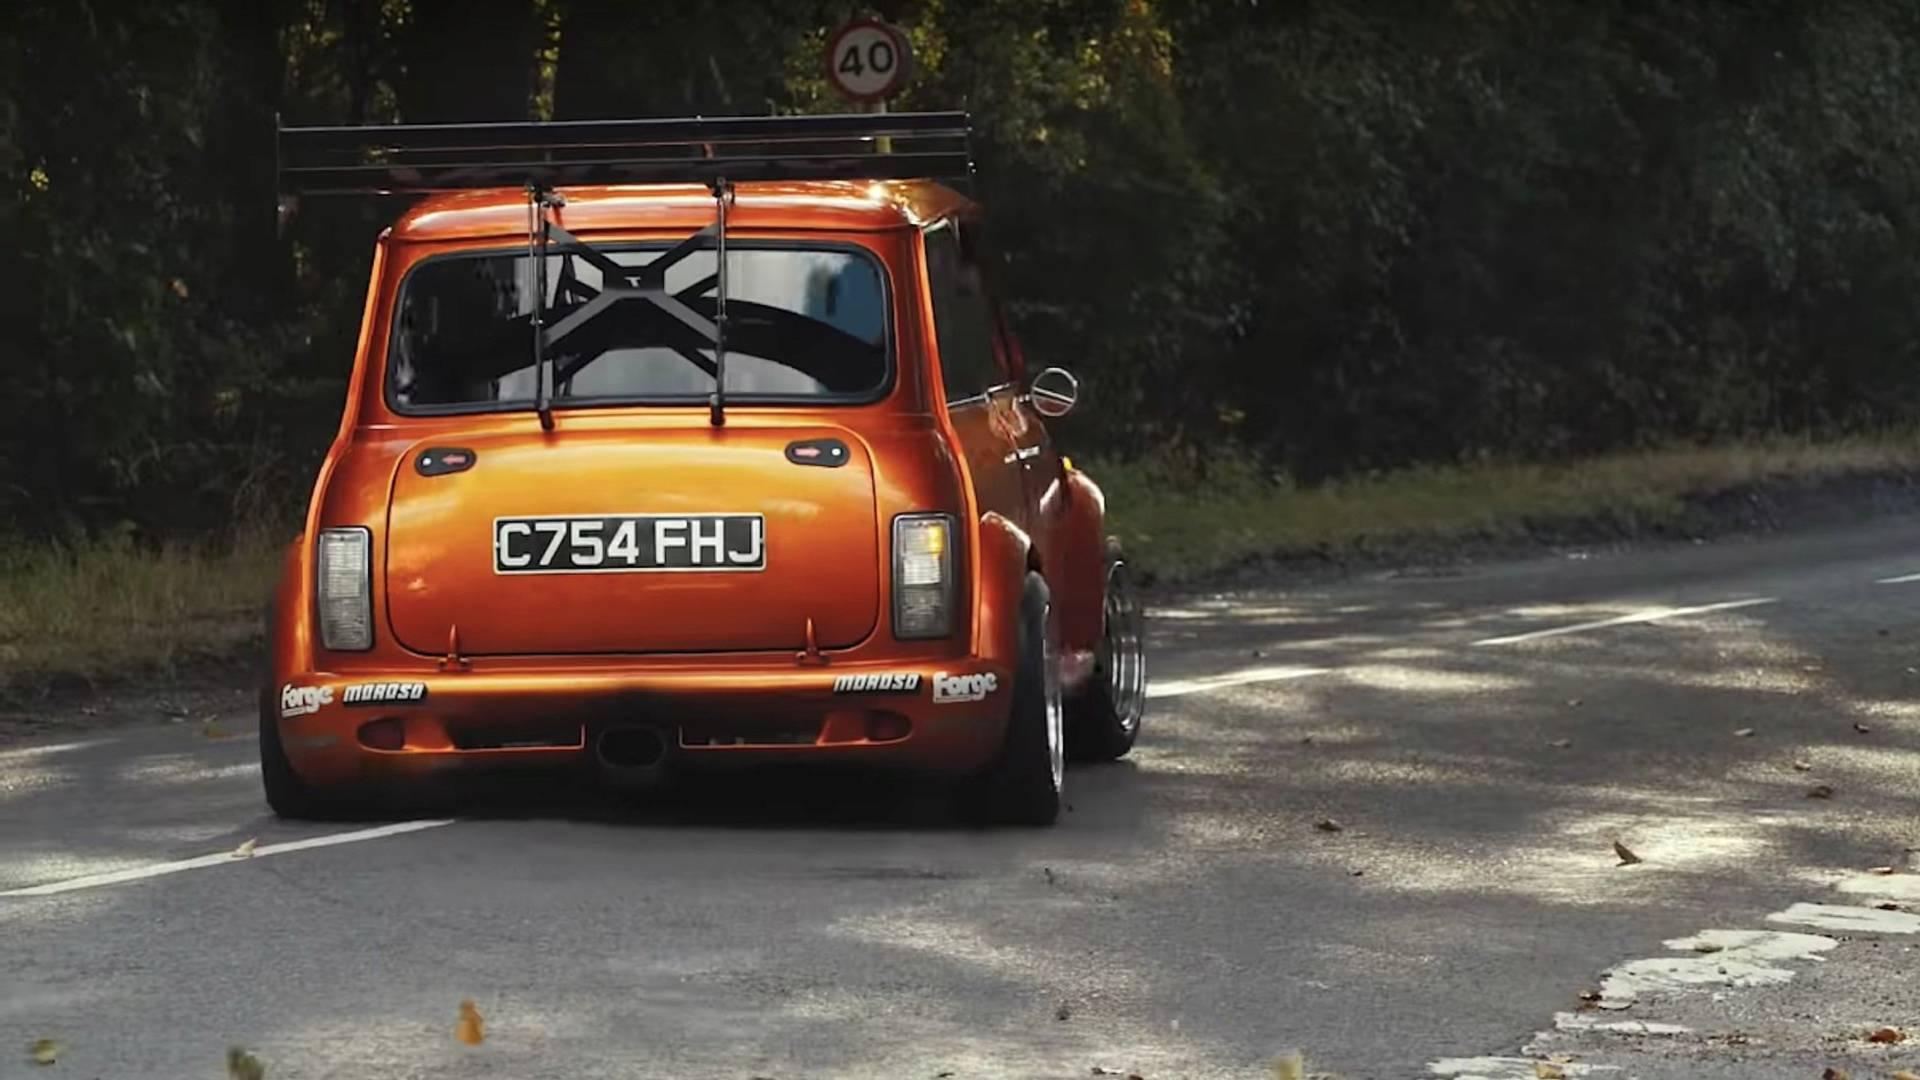 Auto Mr. Beana - motor 265 kw